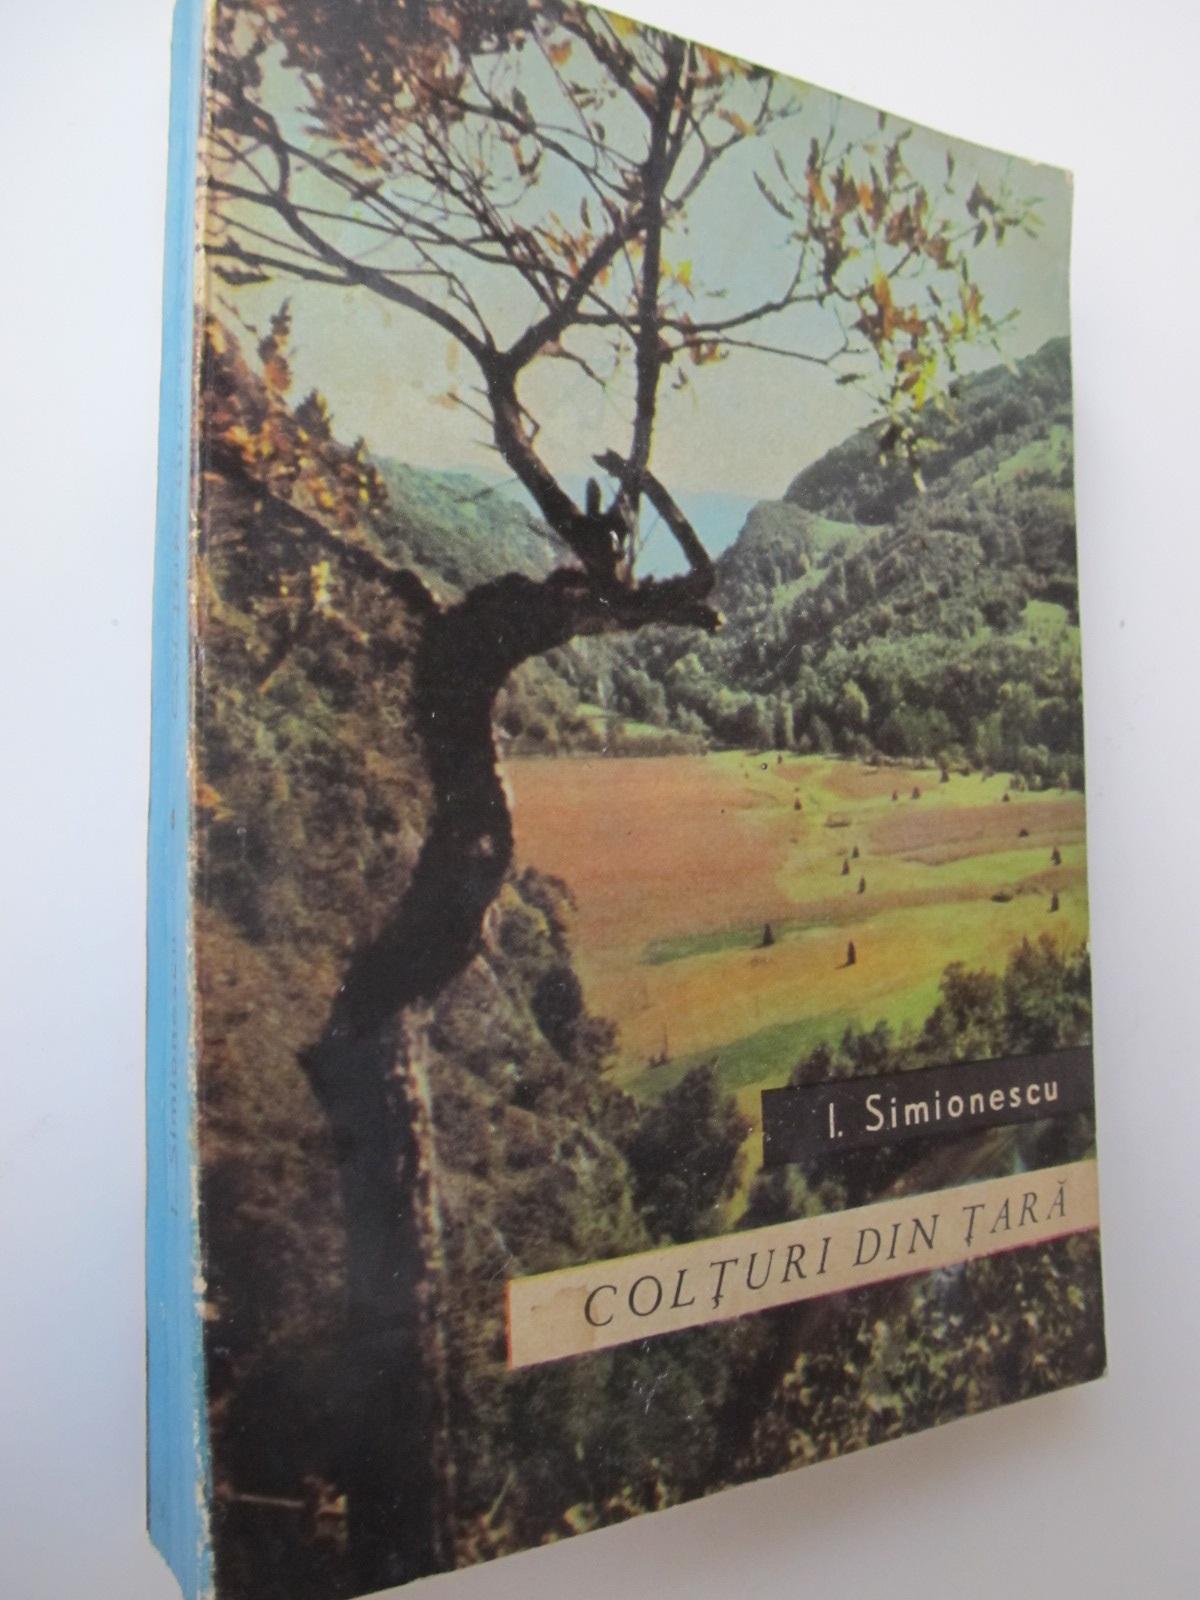 Colturi din tara - I. Simionescu | Detalii carte